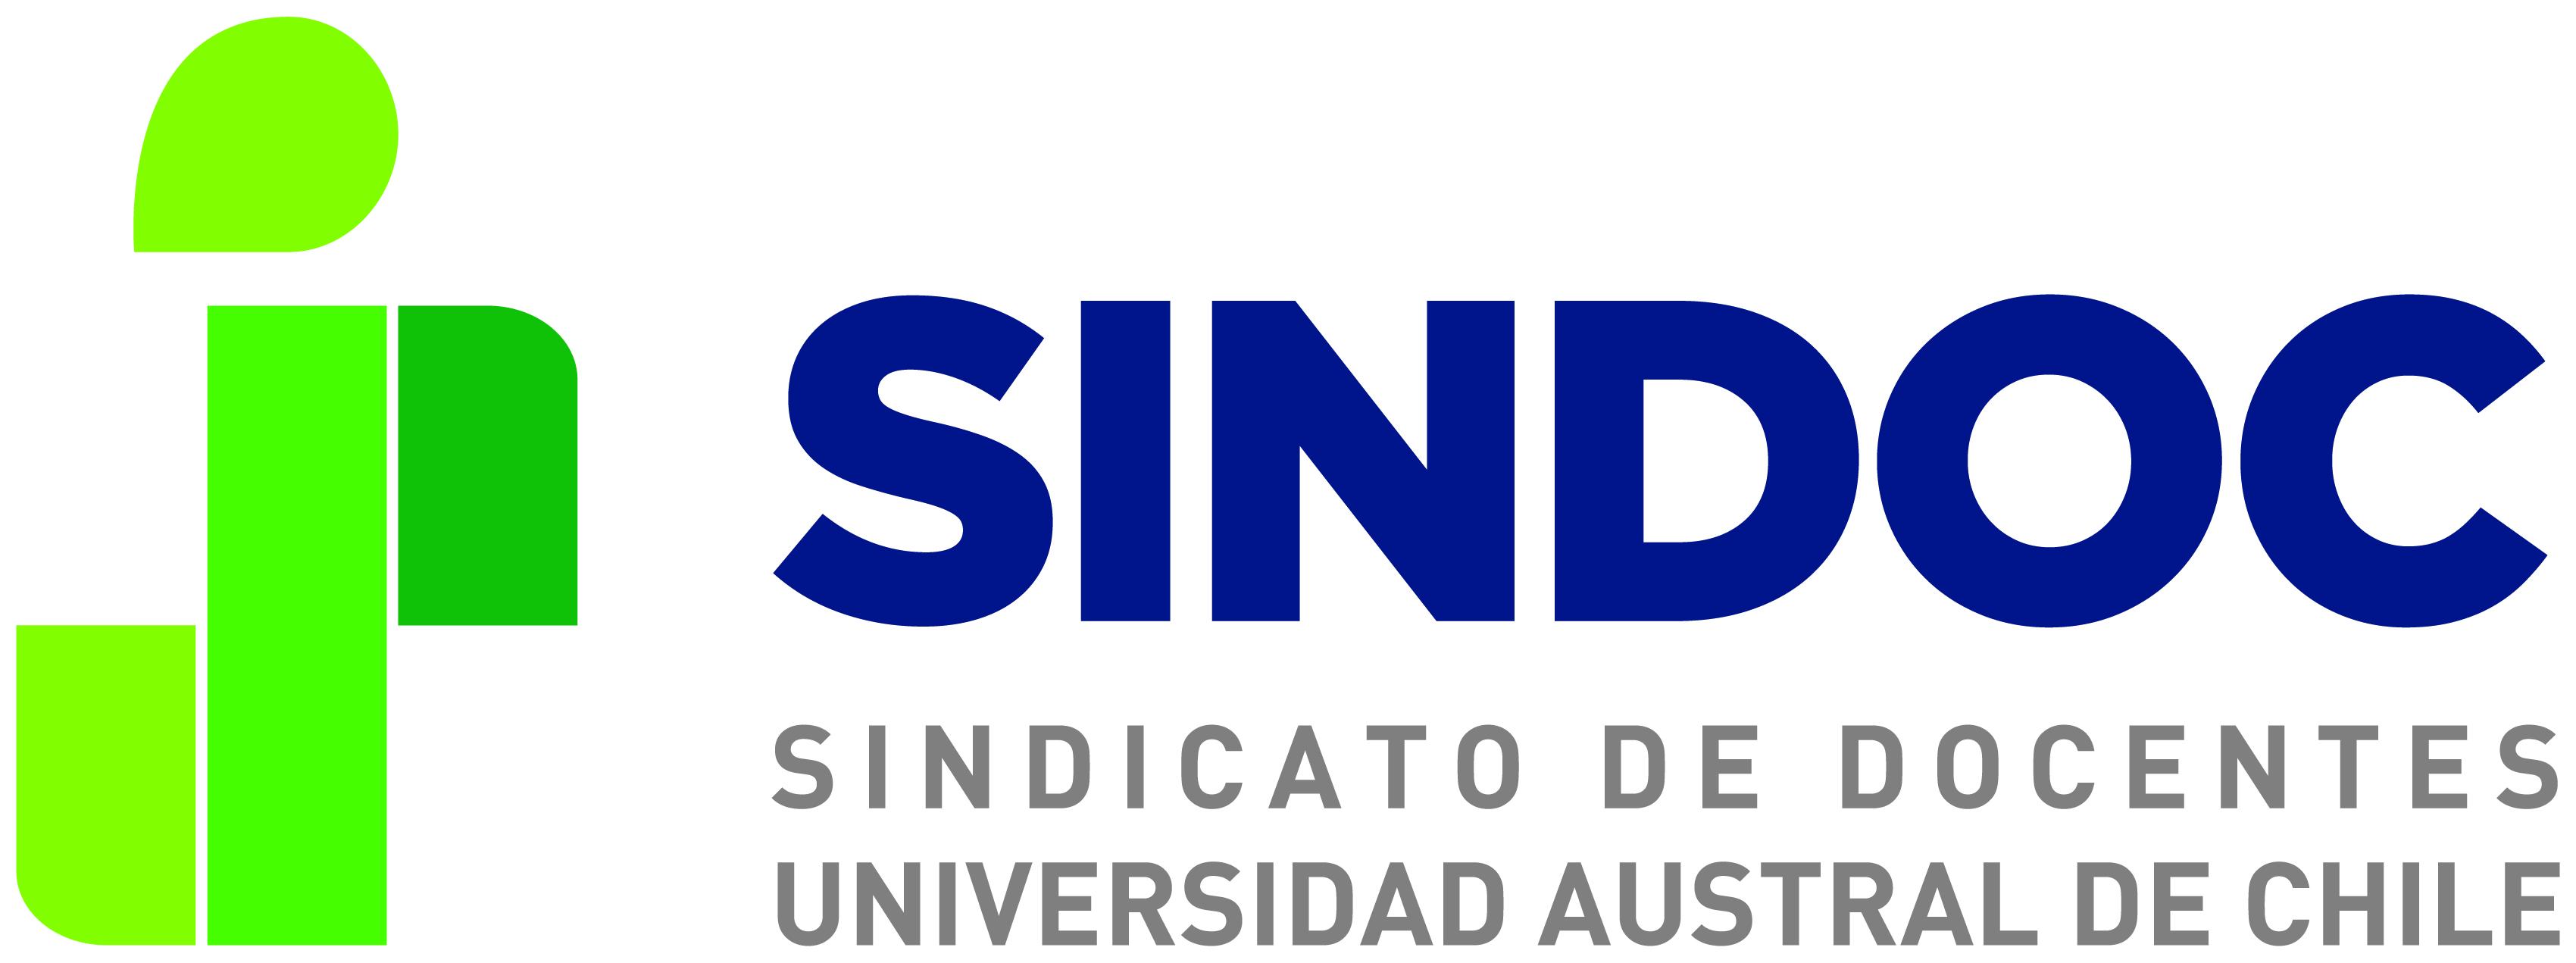 La directiva del SINDOC convoca a asamblea para dar a conocer el resultado de la negociación directa con los representantes de la Universidad